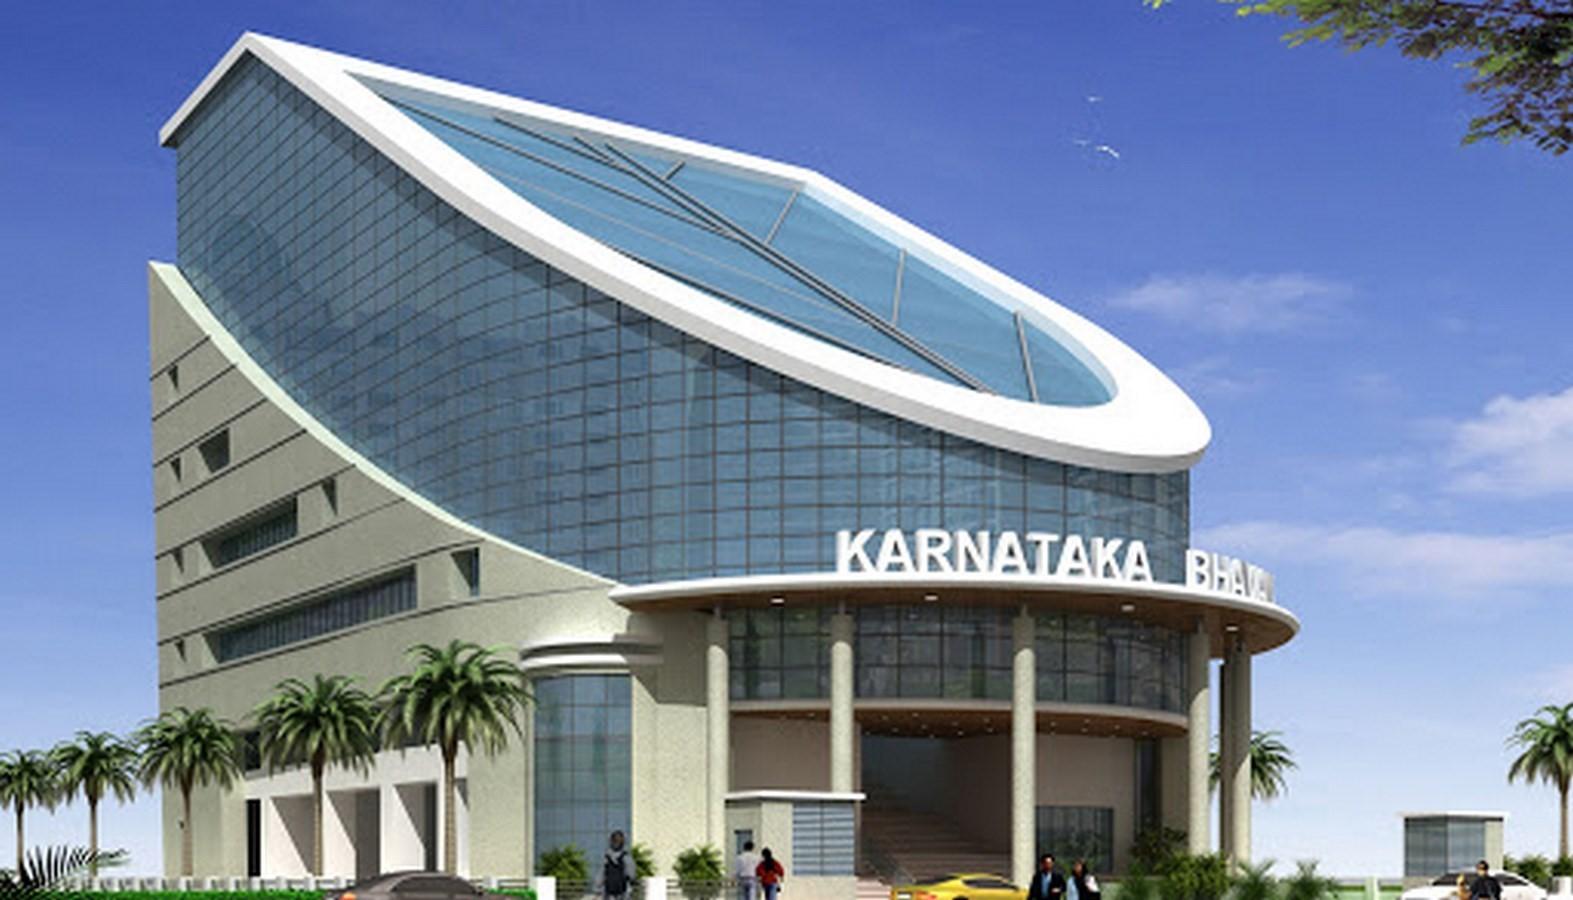 Karnataka Bhavan - Sheet1